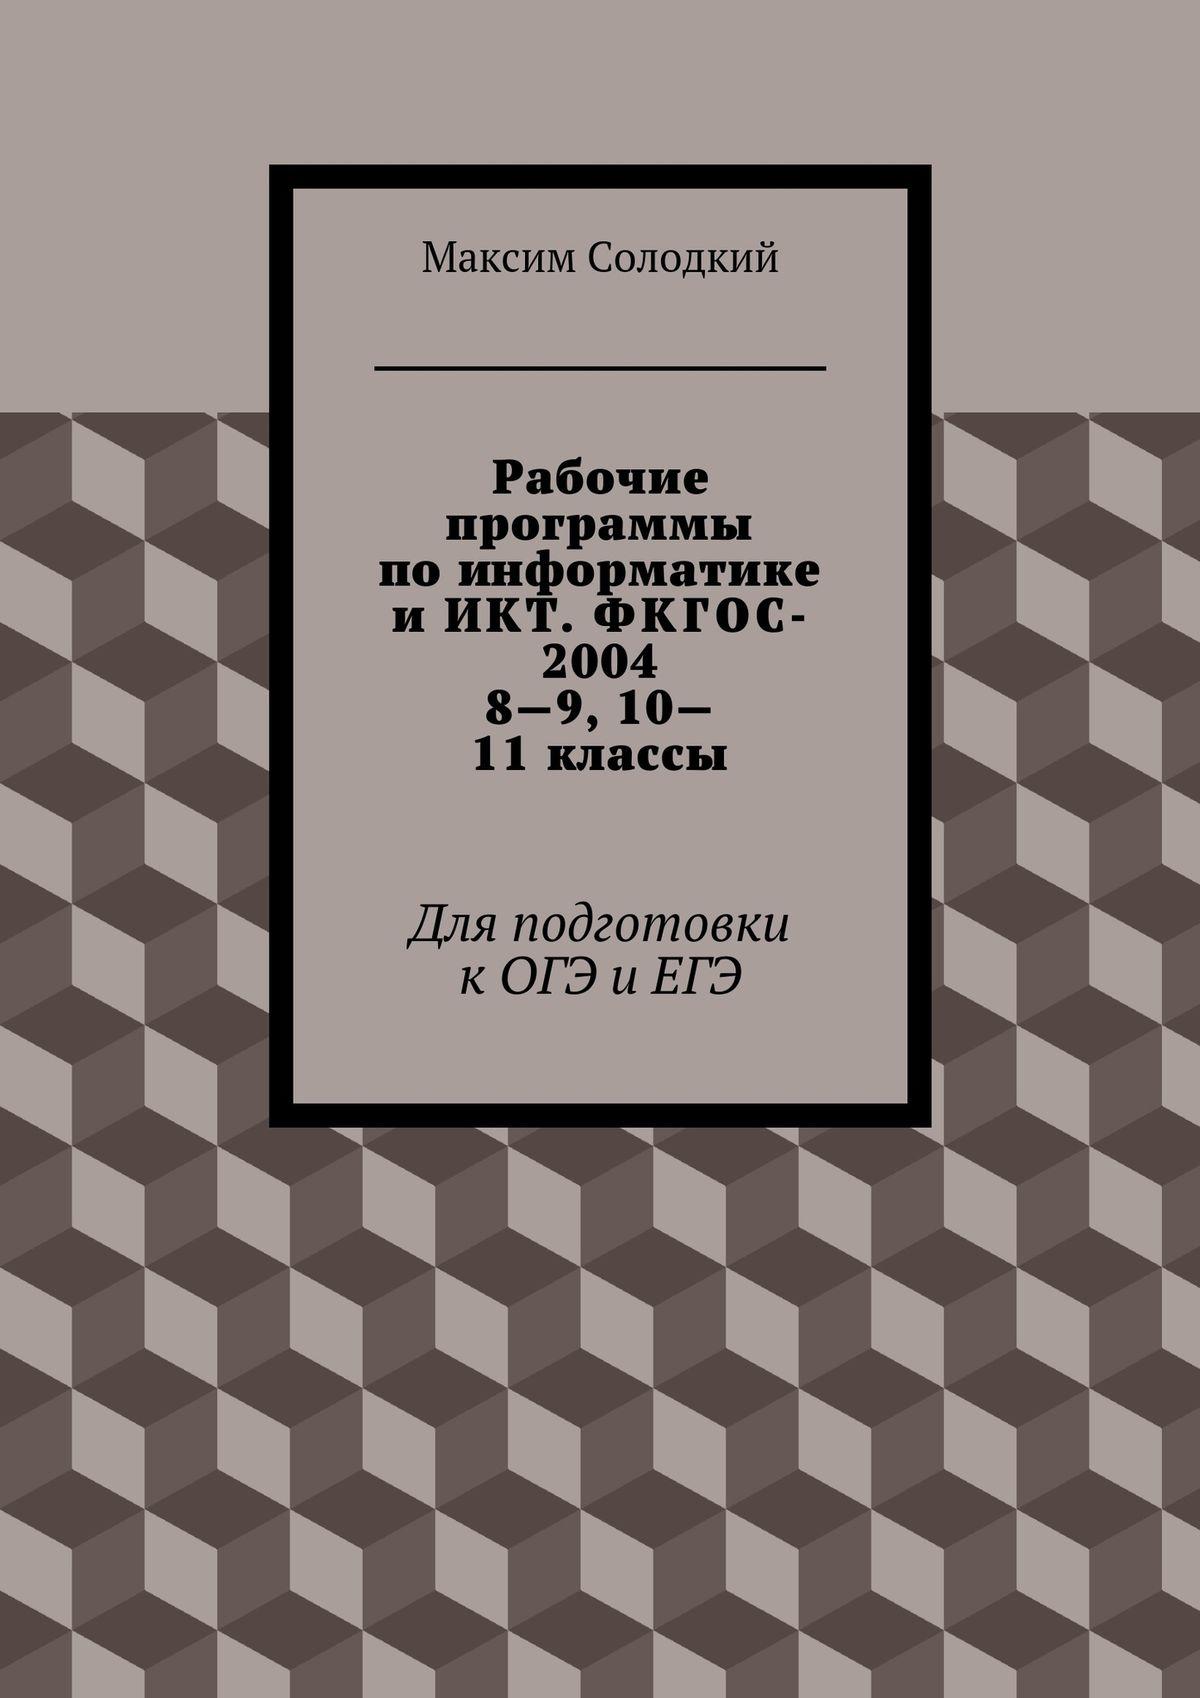 Максим Солодкий Рабочие программы по информатике и ИКТ. ФКГОС-2004. 8-9, 10-11 классы математика 5 9 классы рабочие программы фгос